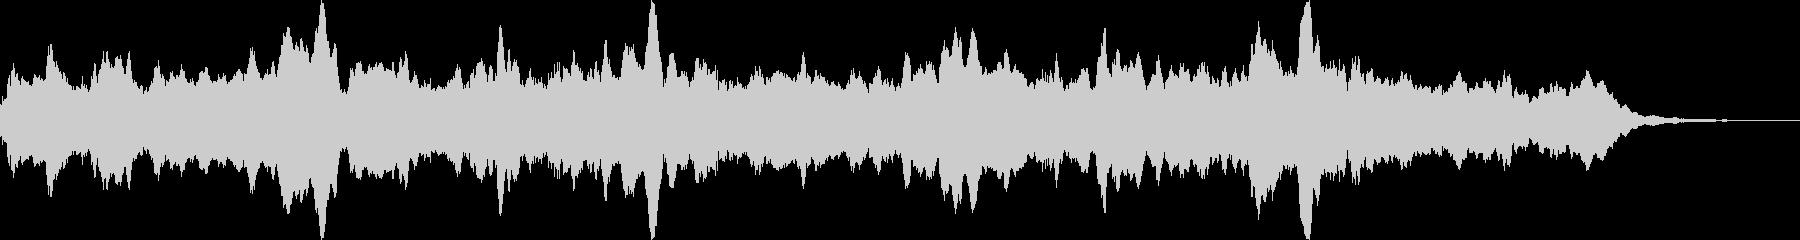 アトモスフィア FX_03 spaceの未再生の波形